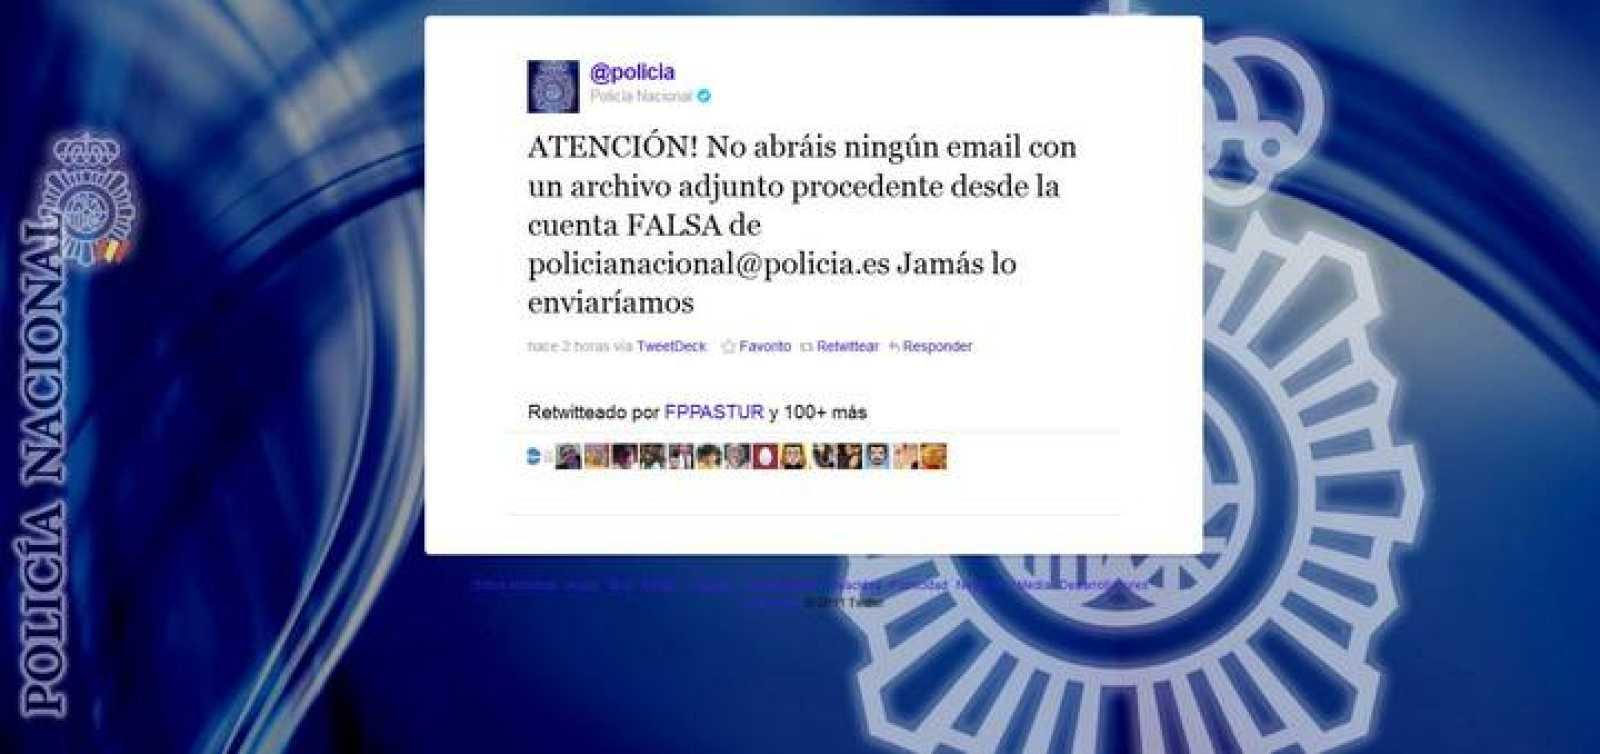 La policía ha advertido de la existencia del virus a través de Twitter